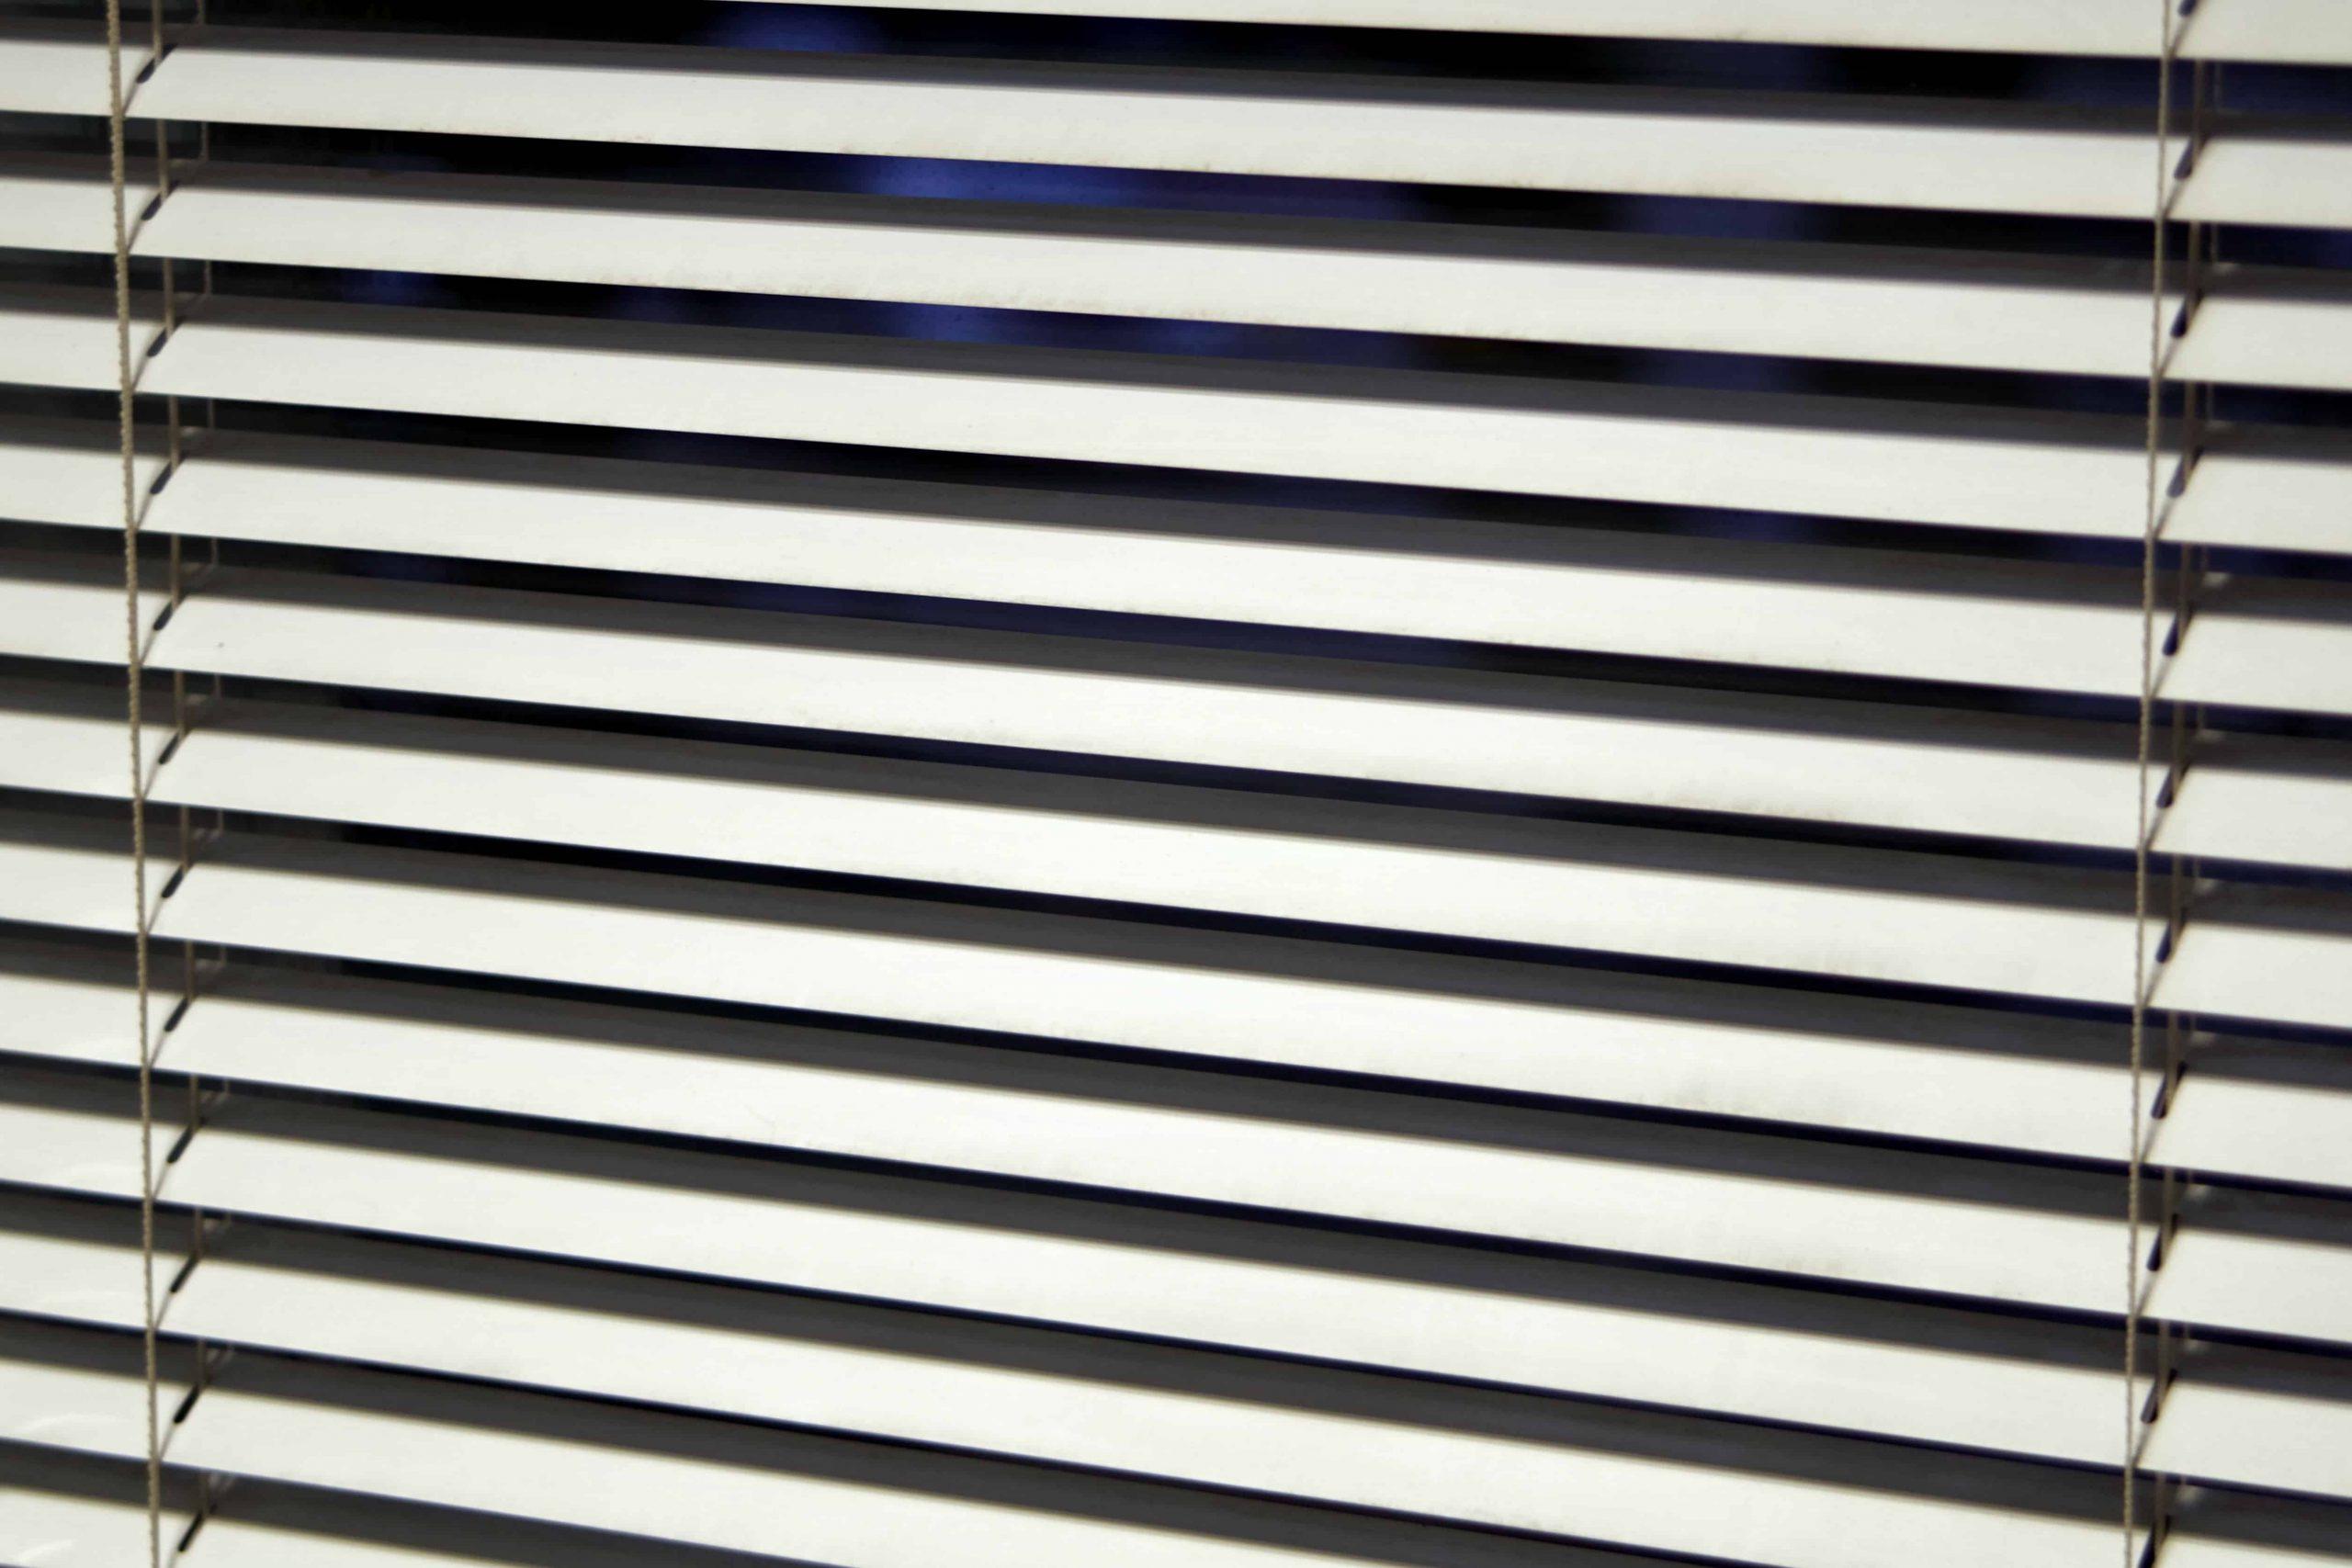 Full Size of Fenster Jalousien Innen Fensterrahmen Obi Ohne Bohren Montieren Elektrisch Bauhaus Montageanleitung Ersatzteile Rollo Jalousie Test Empfehlungen 05 20 Wohnzimmer Fenster Jalousien Innen Fensterrahmen